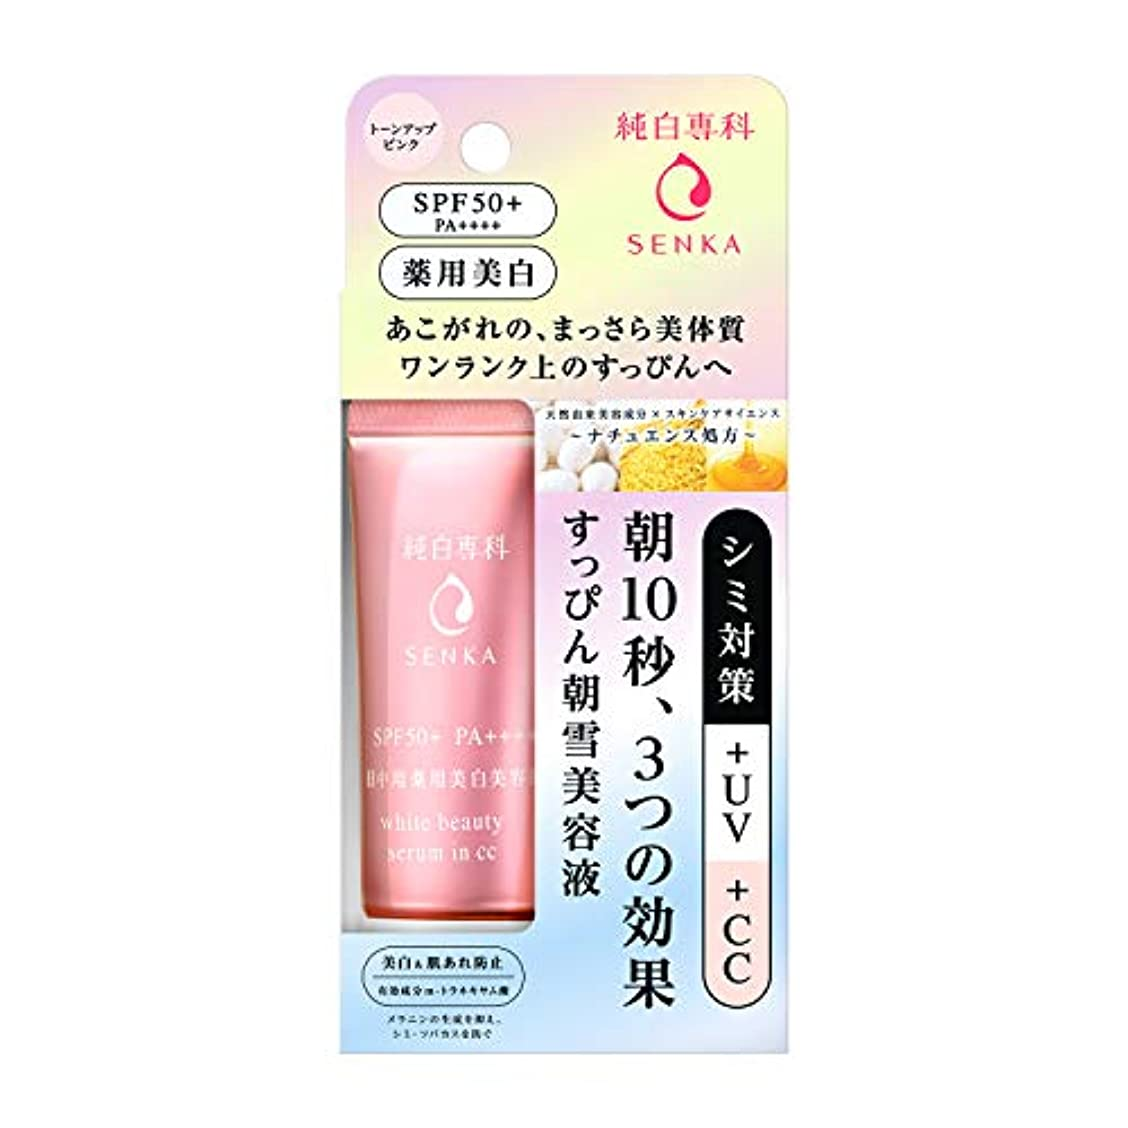 純白専科 すっぴん朝雪美容液 (医薬部外品) 40g